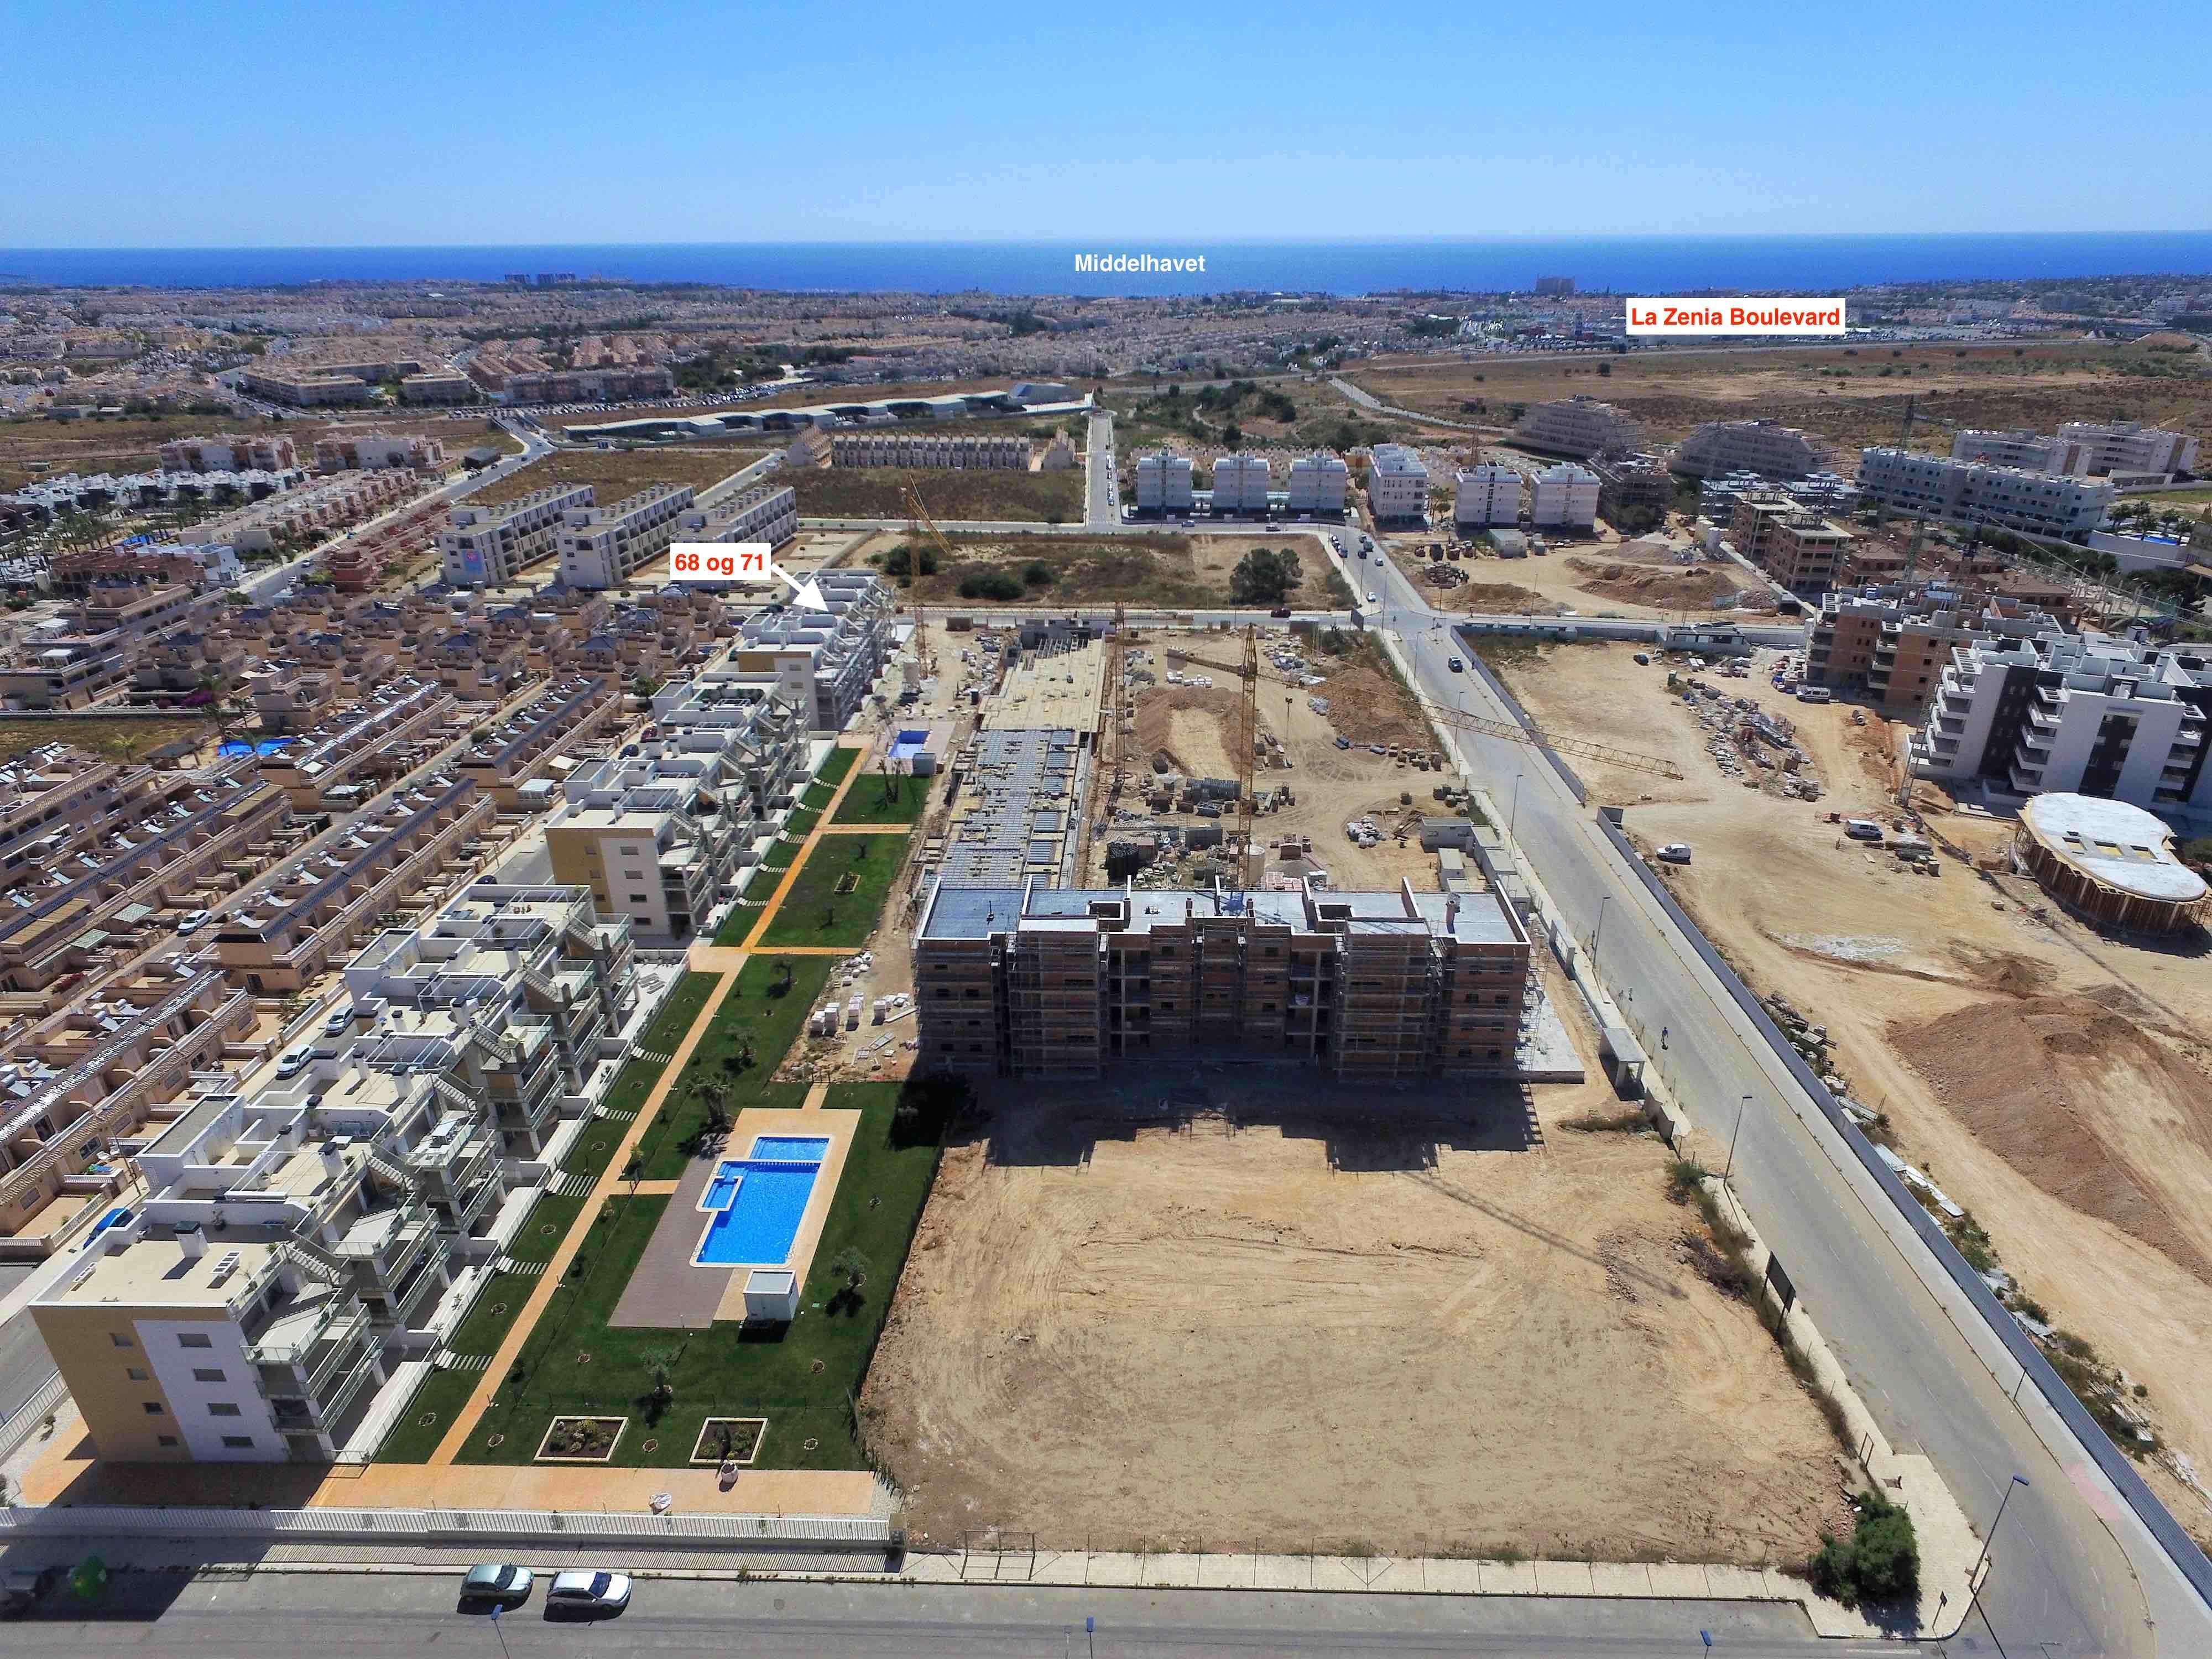 2 nye Penthouse leiligheter med 2 sov/2 bad, gulvvarme, garasje, bod, hvitevarer og aircondition. Innflyttingsklare nå, se utsikten fra den 72 m2 store takterrassen [68-71]